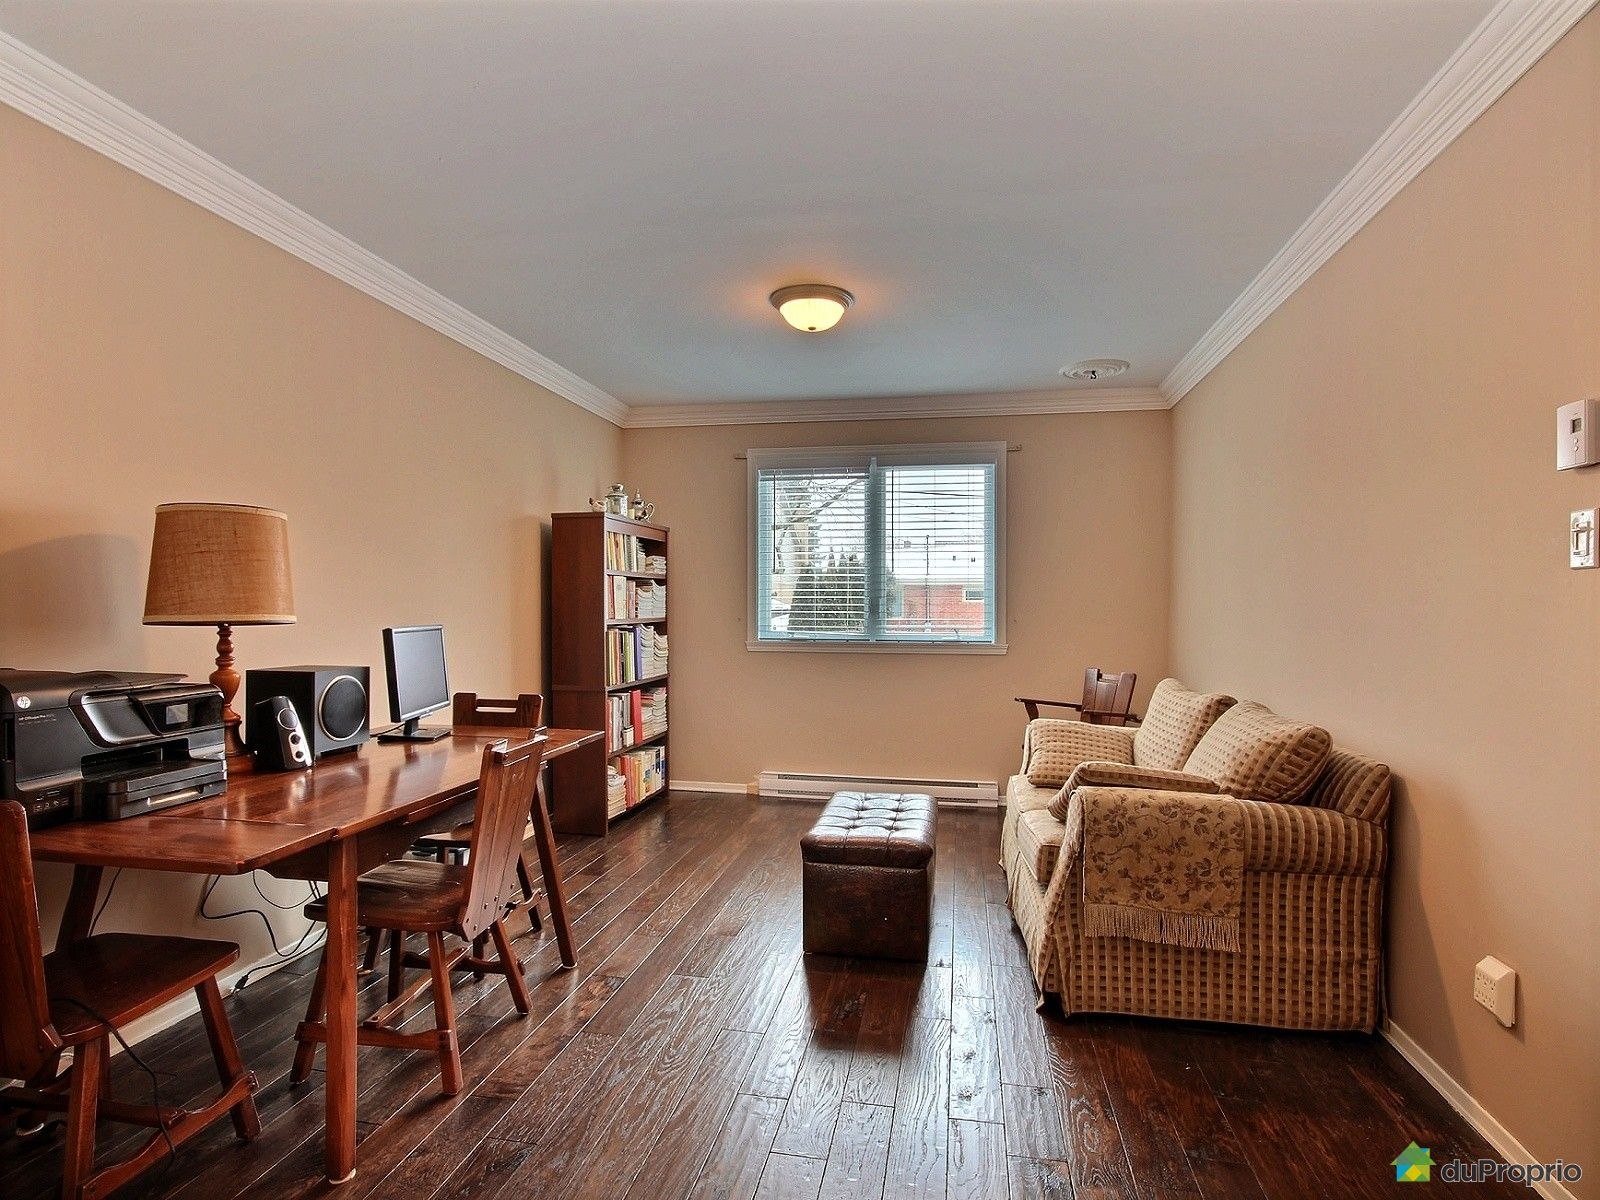 bi g n ration vendu brossard immobilier qu bec duproprio 659255. Black Bedroom Furniture Sets. Home Design Ideas